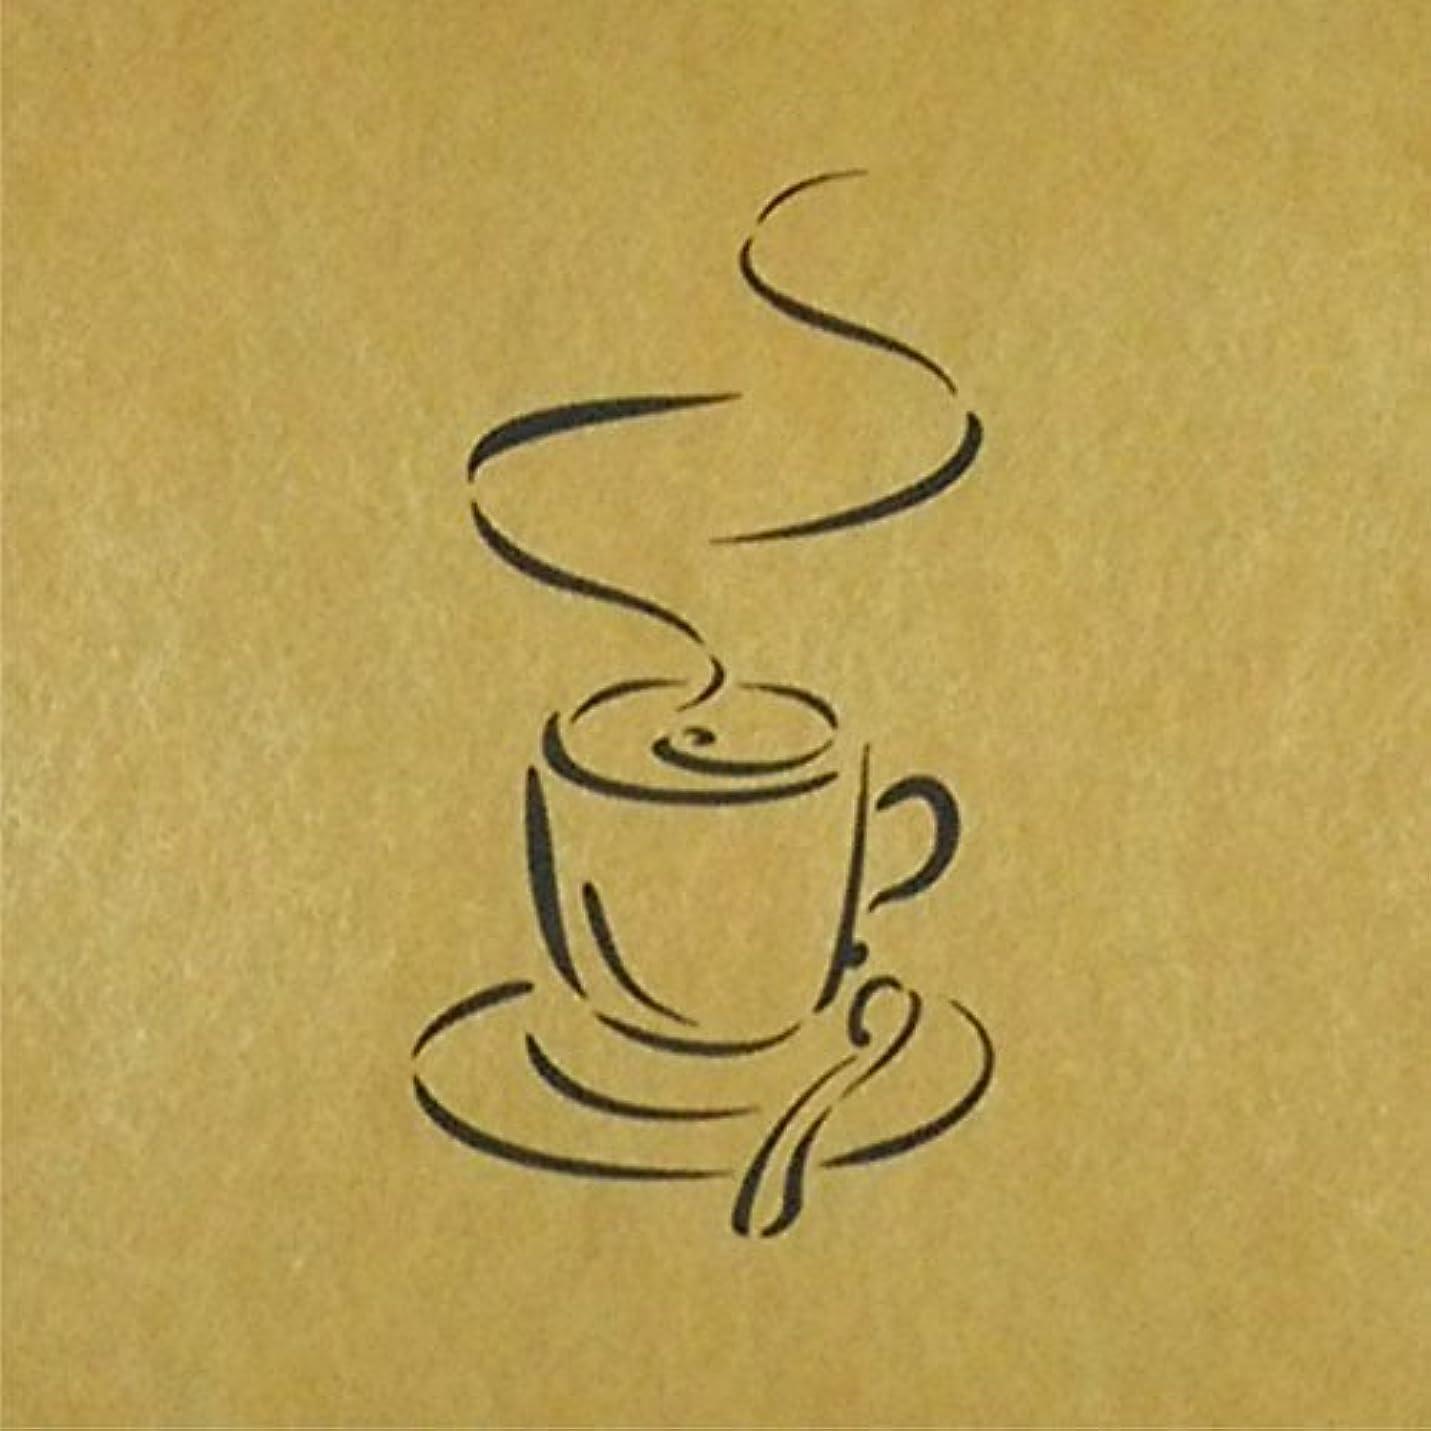 気取らない避難証拠ステンシルシート コーヒー 3サイズ型紙 (30cm)